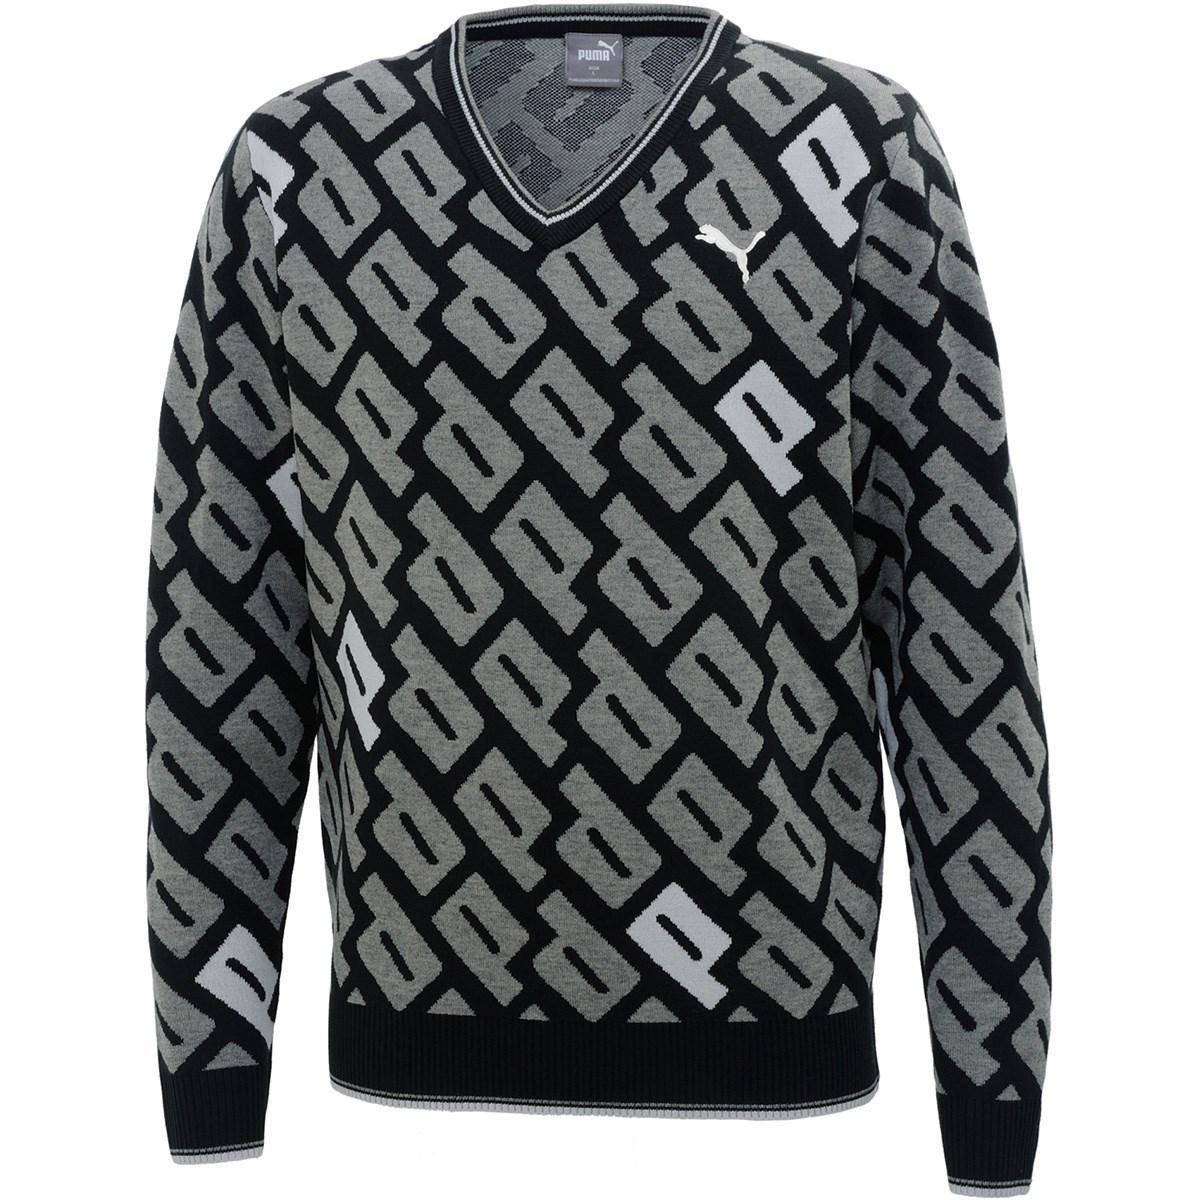 プーマ PUMA グラフィックVネックセーター M プーマ ブラック 01